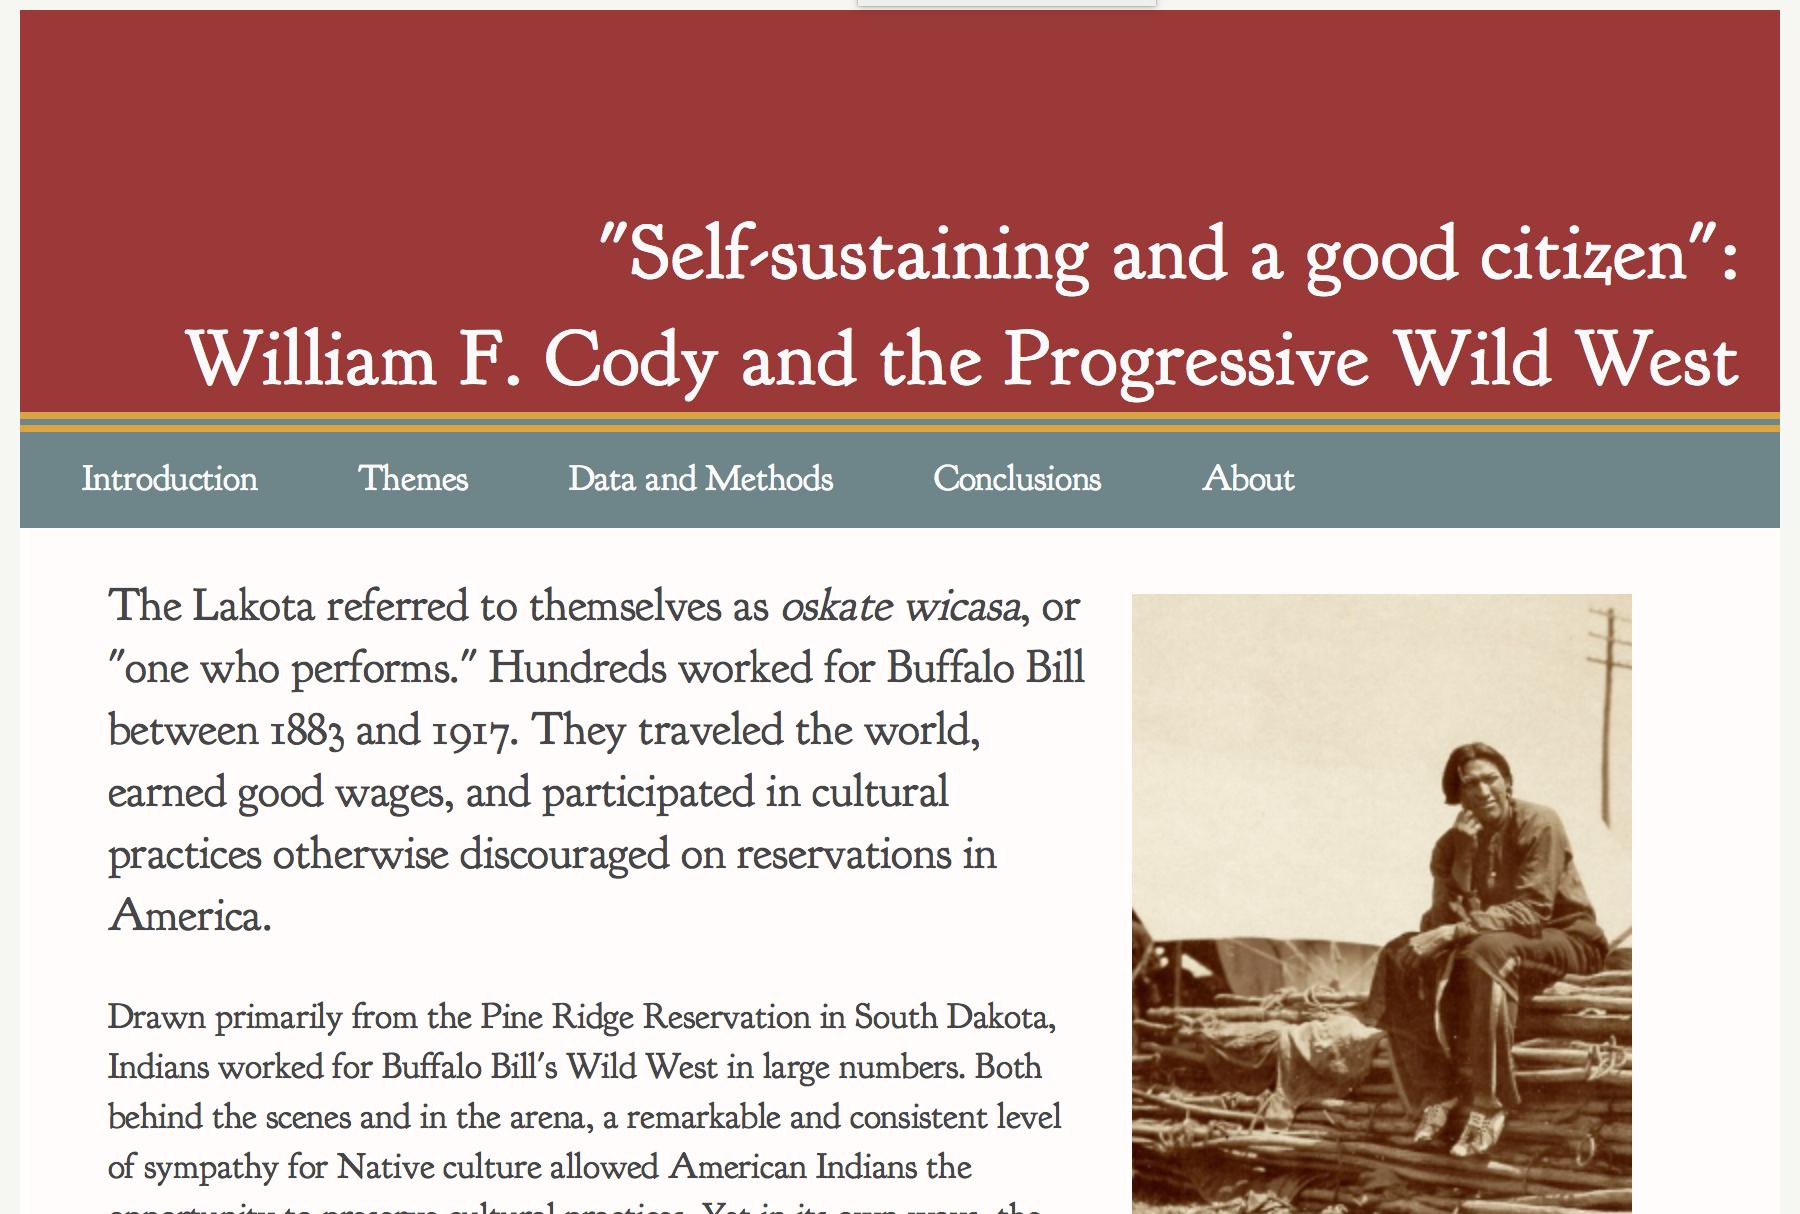 William F. Cody.